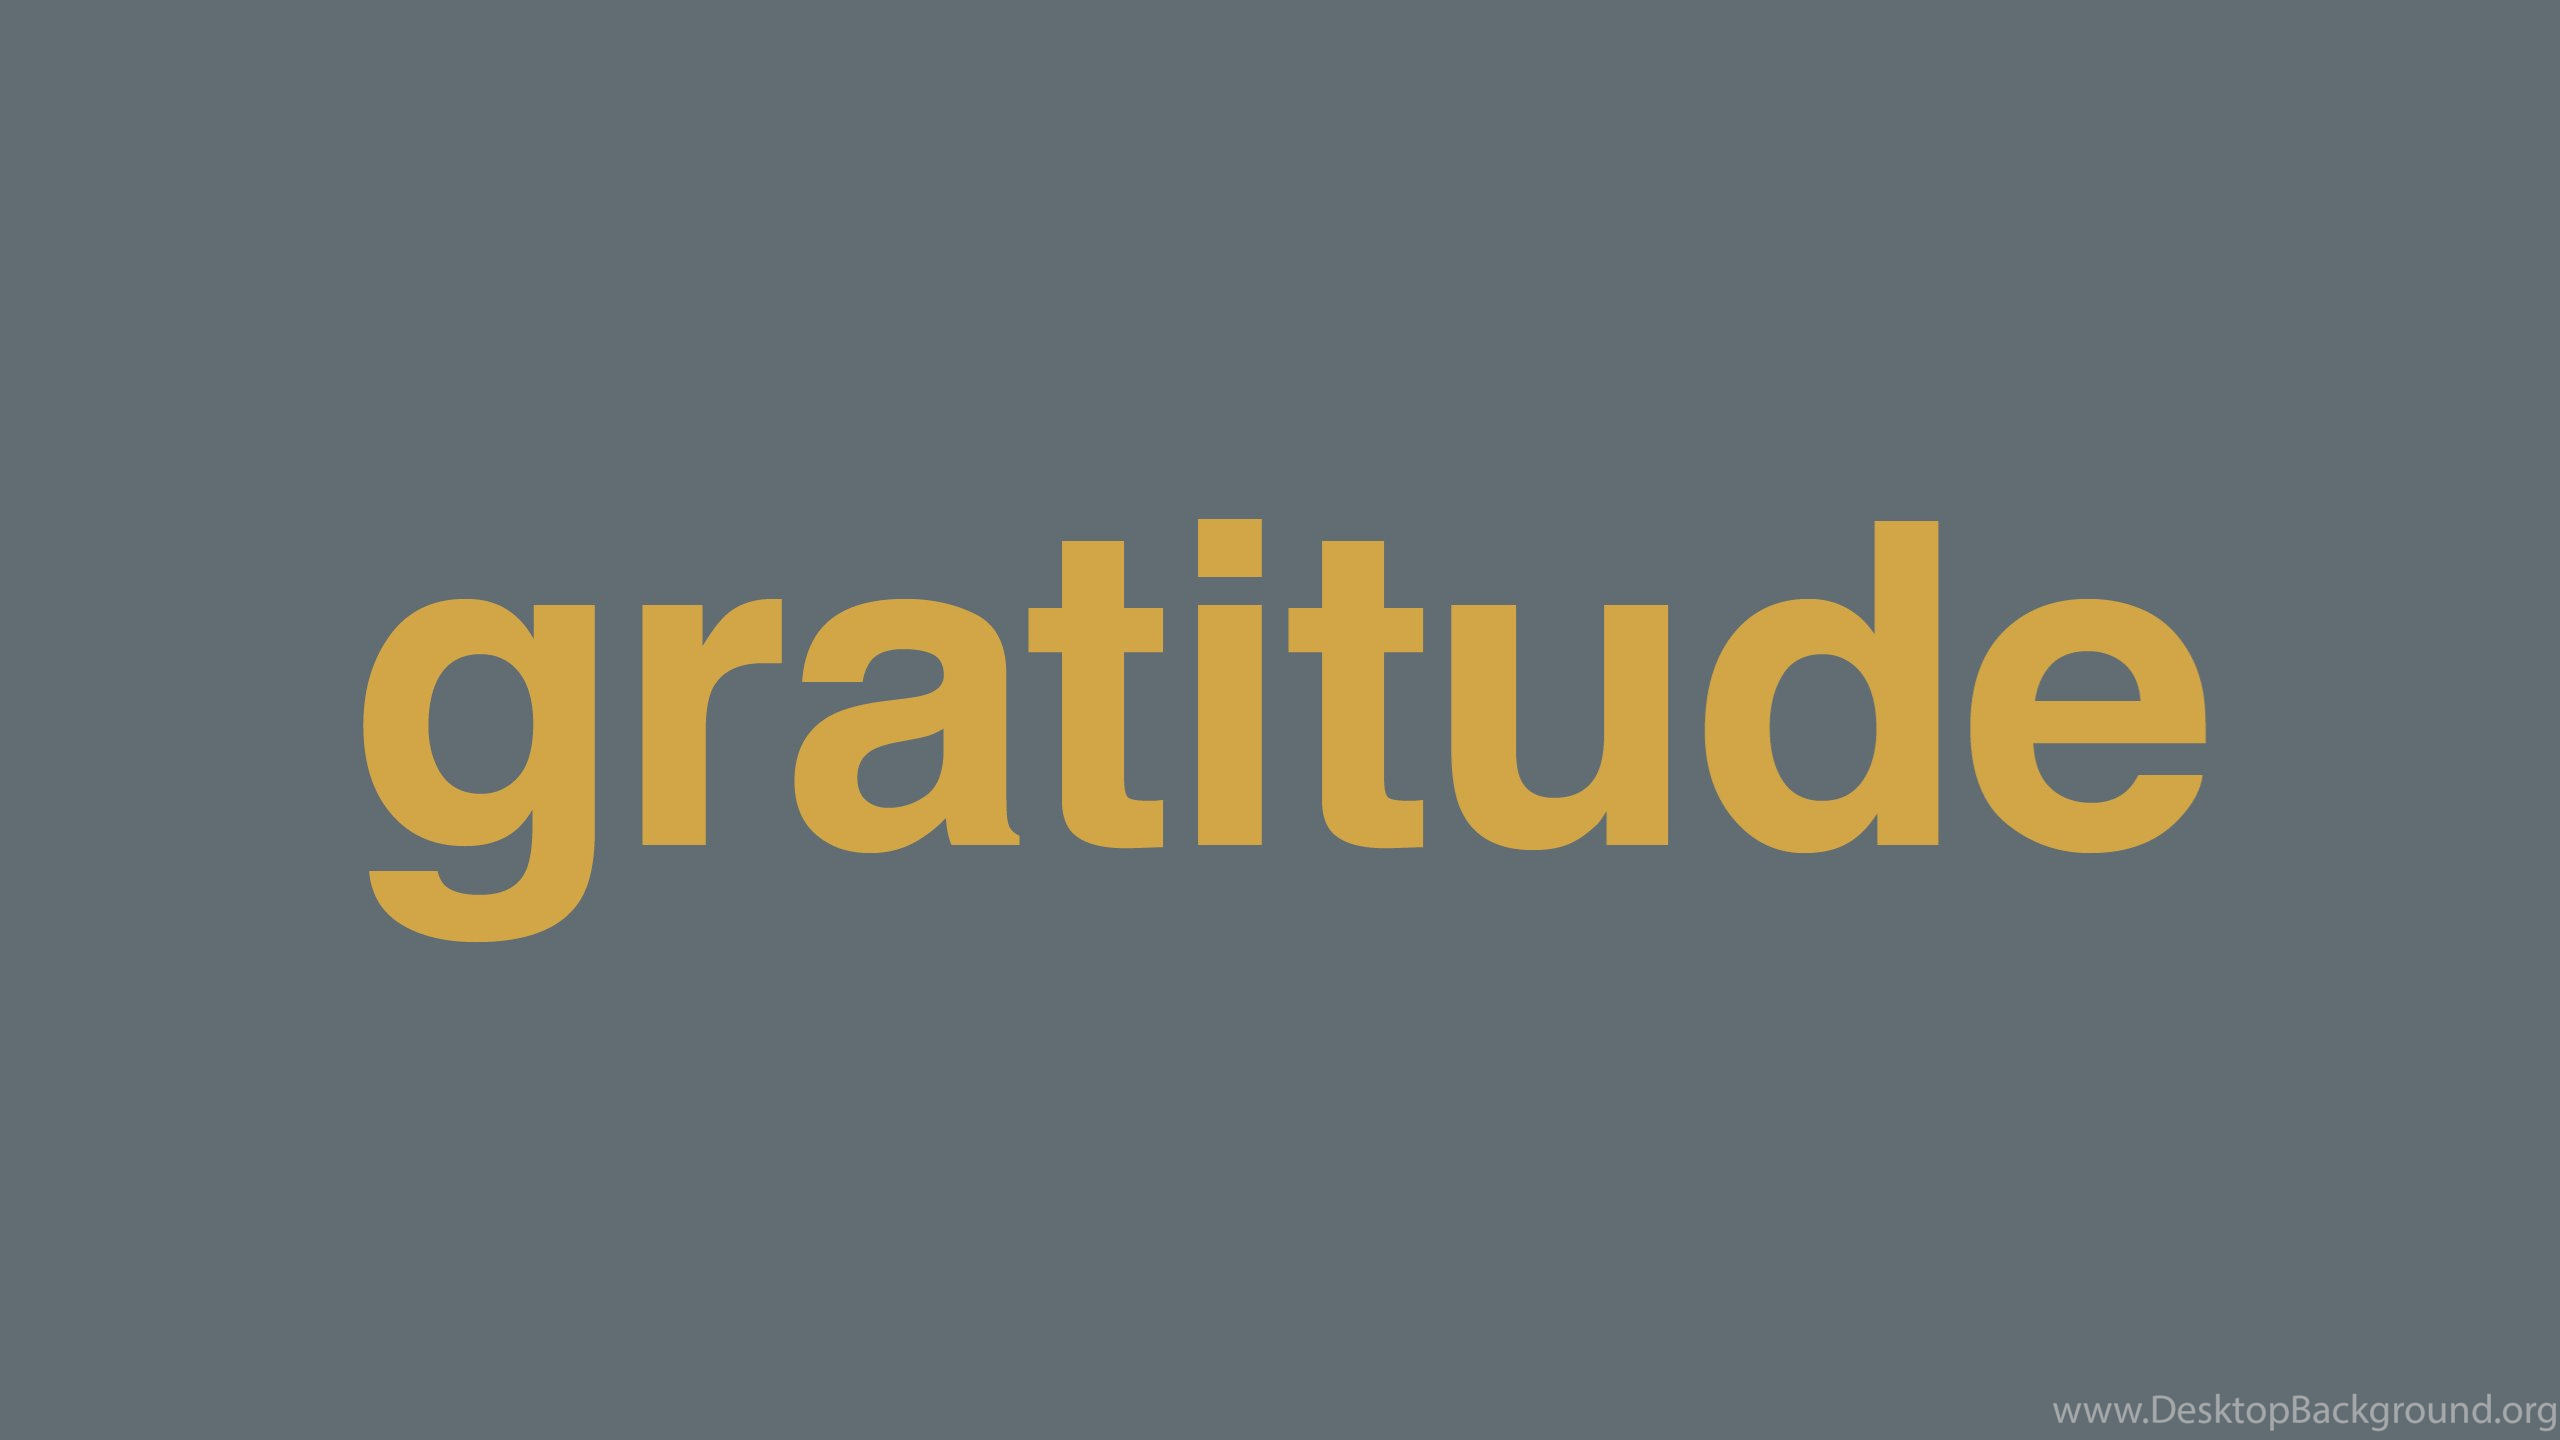 Gratitude Wallpapers Wallpapers Cave Desktop Background